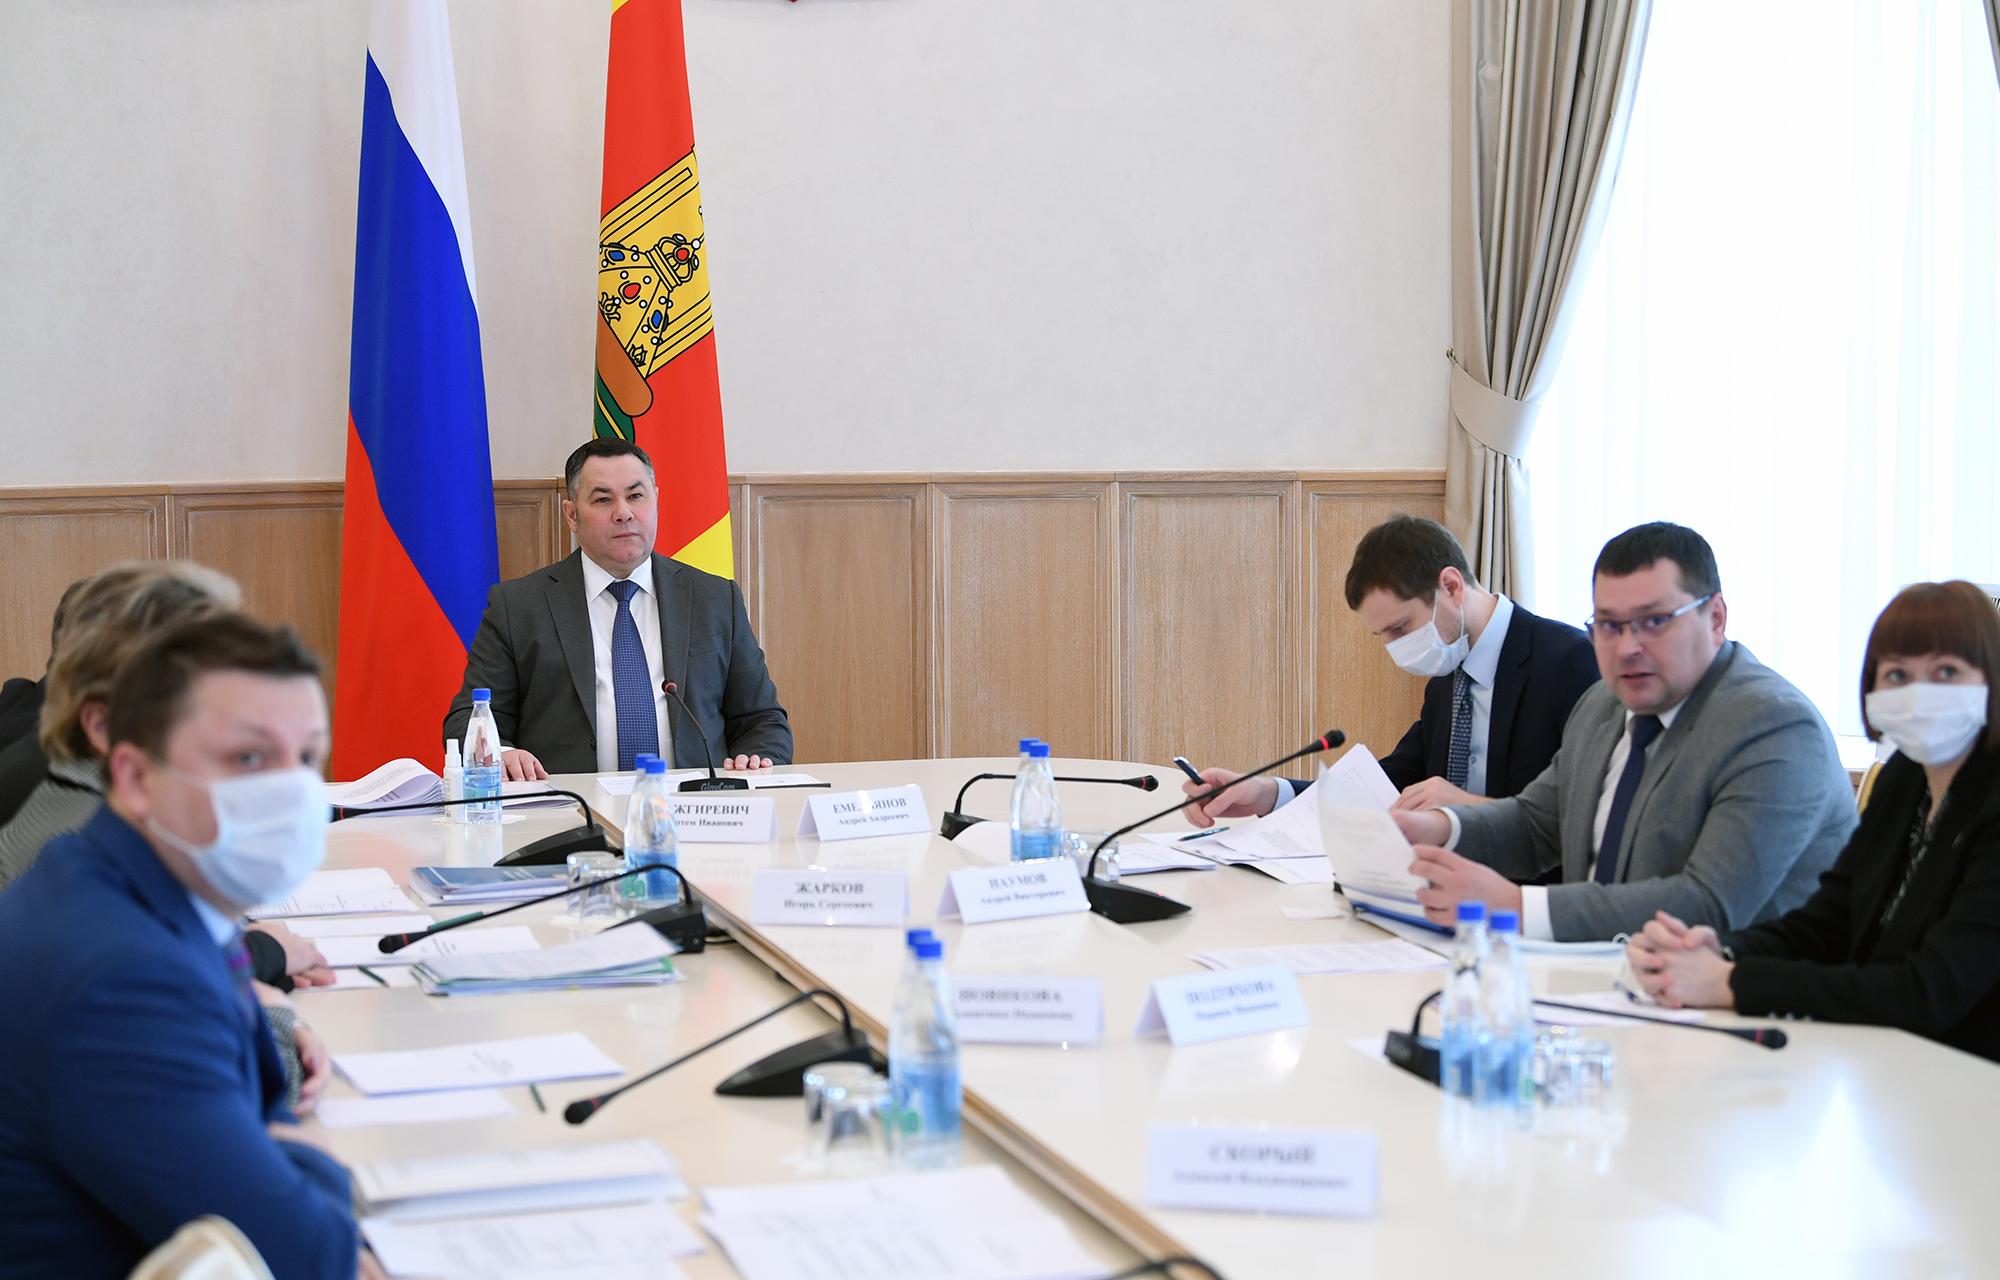 Поддержка хлебзаводам в Тверской области будет обеспечена